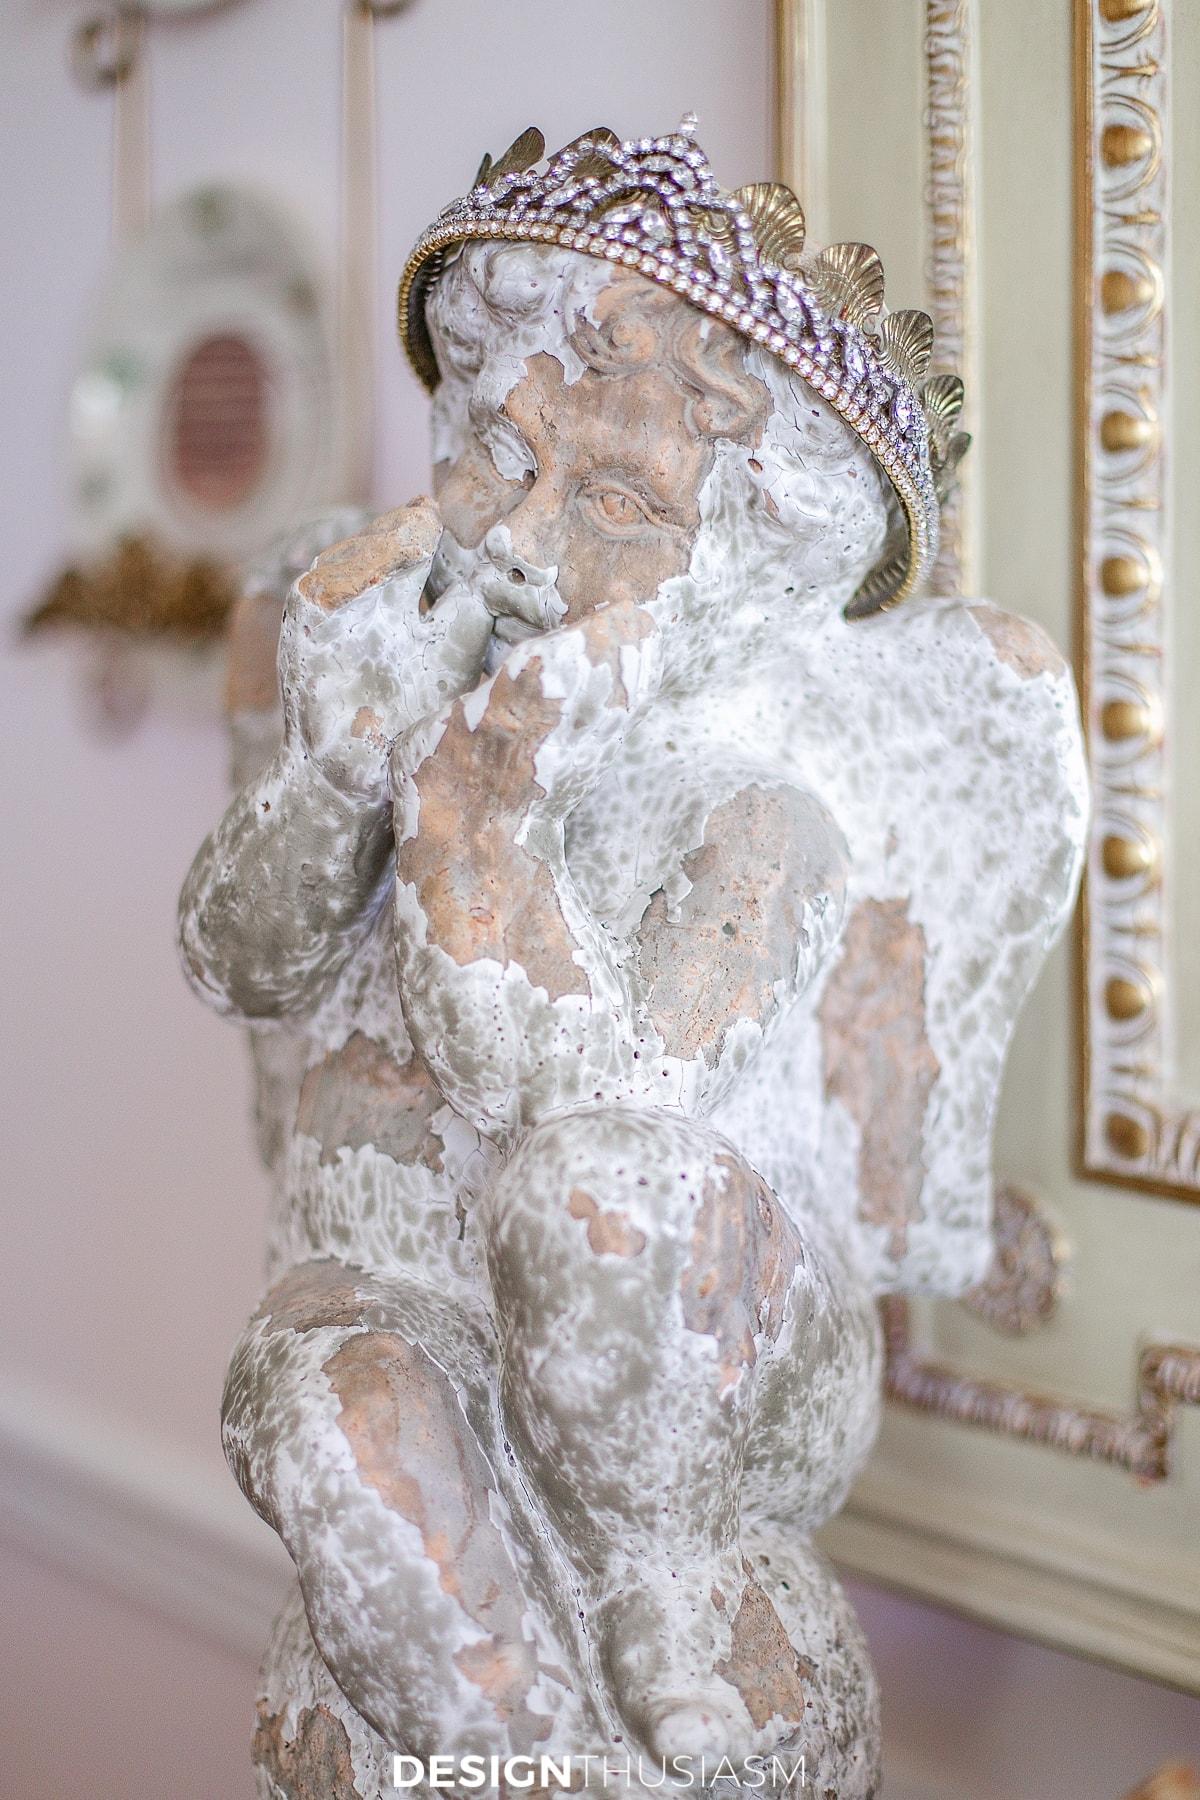 angel garden statue